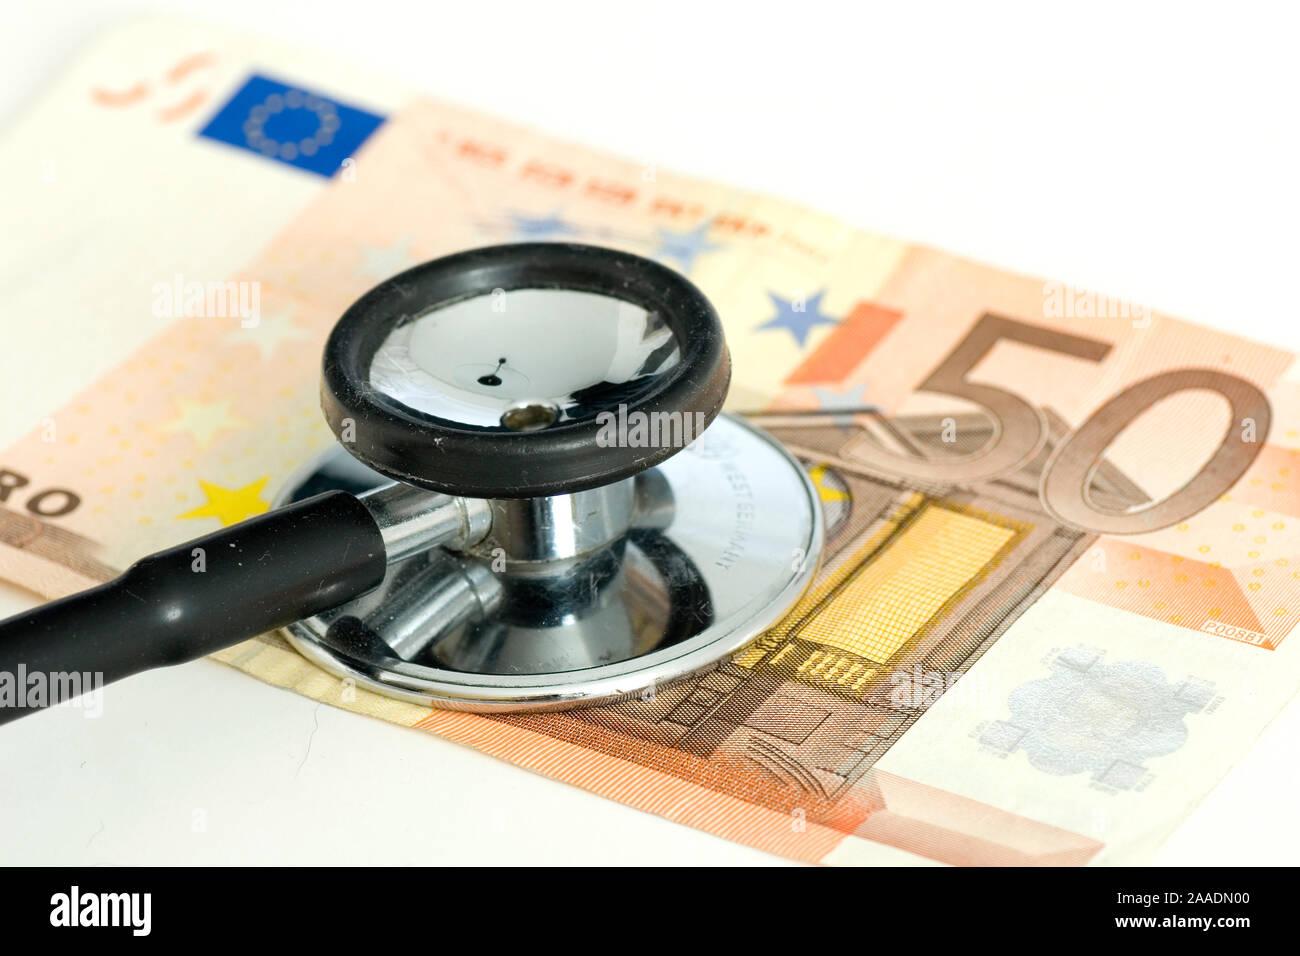 Stethoskop auf Fünfig-Euro-Schein (no pr) Stock Photo